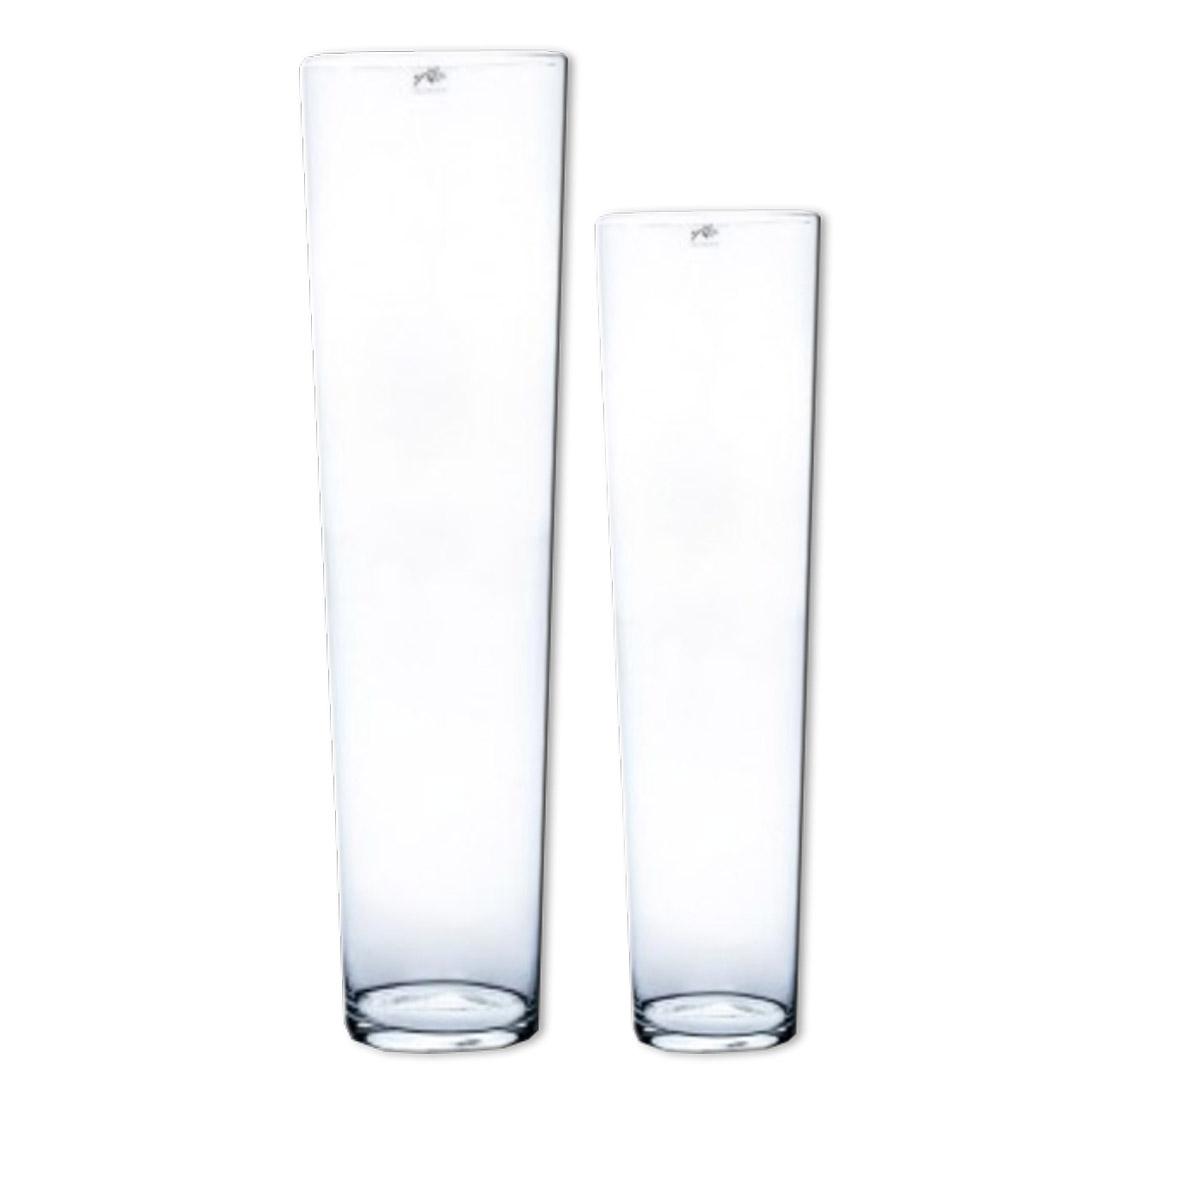 1114 1115 Vase konisch Glas klar 300dpi